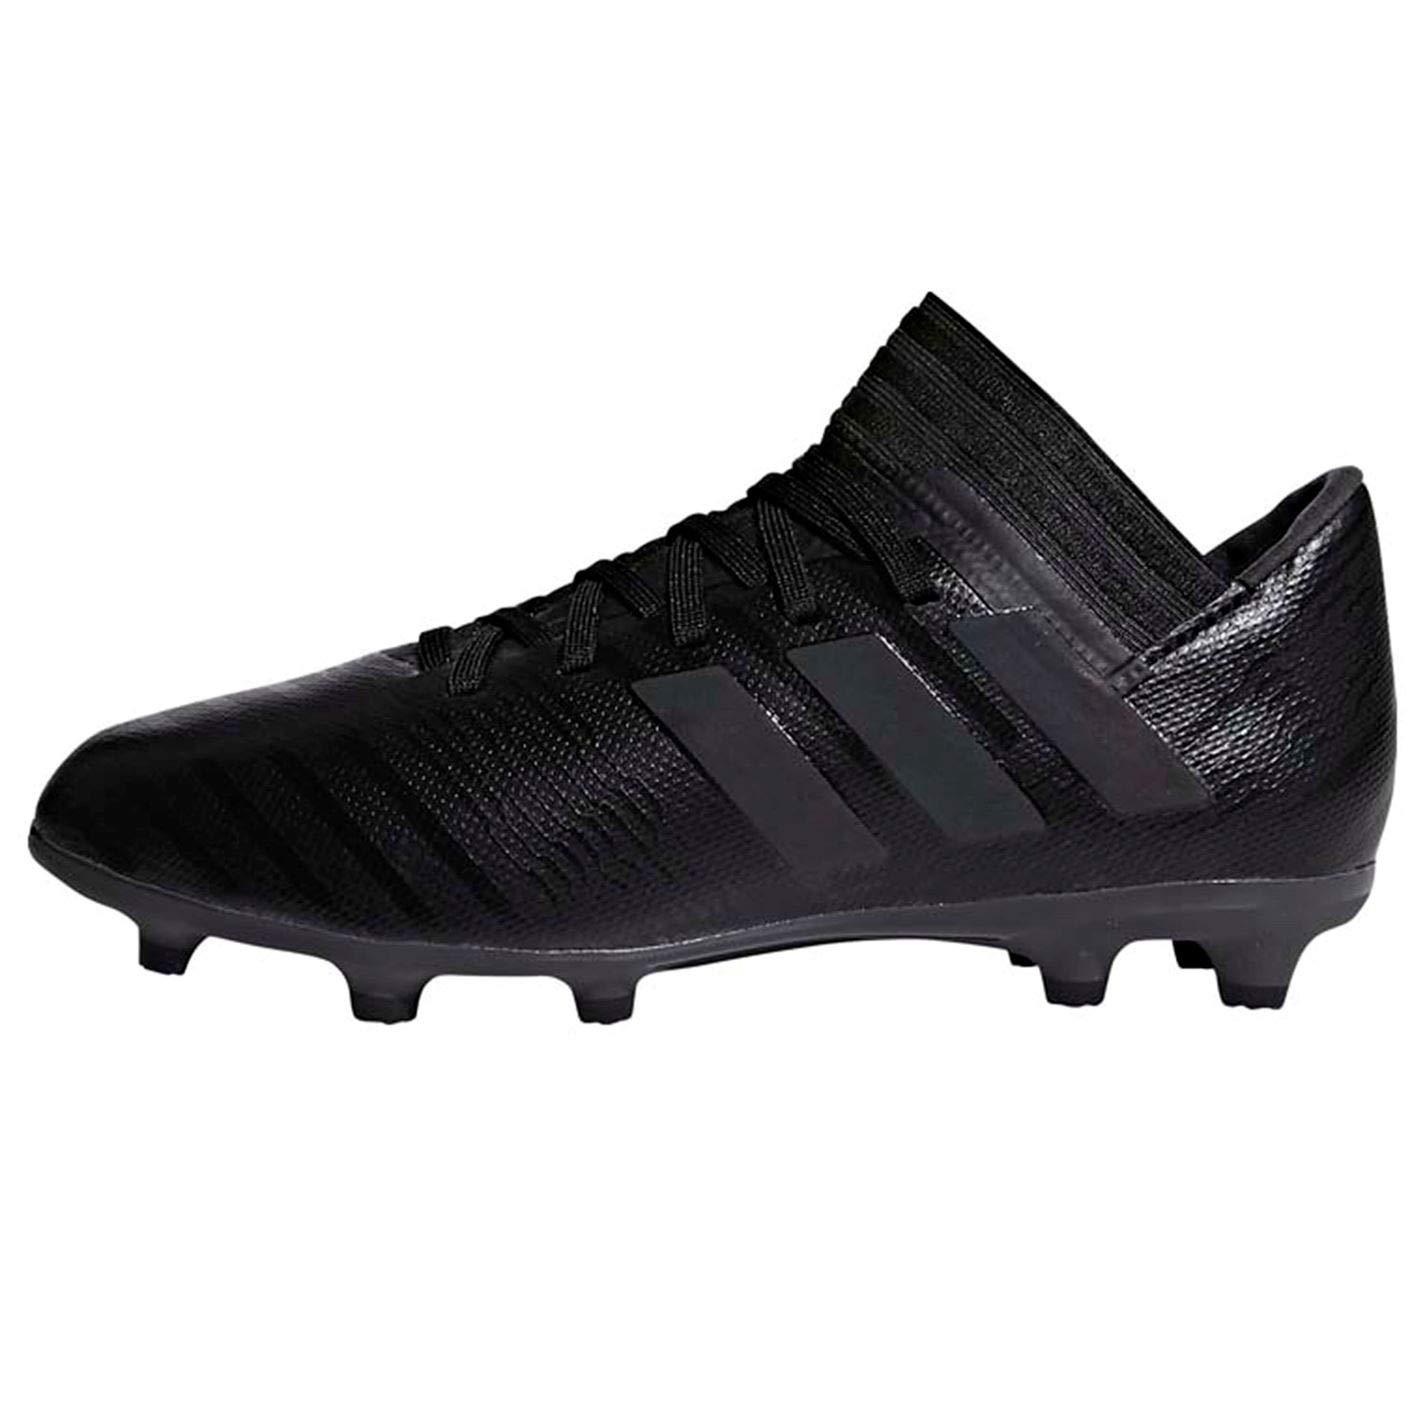 Noir (Cnoir Cnoir Hiregr Cnoir Cnoir Hiregr) adidas Nemeziz 17.3 FG J, Chaussures de Football garçon 31 EU